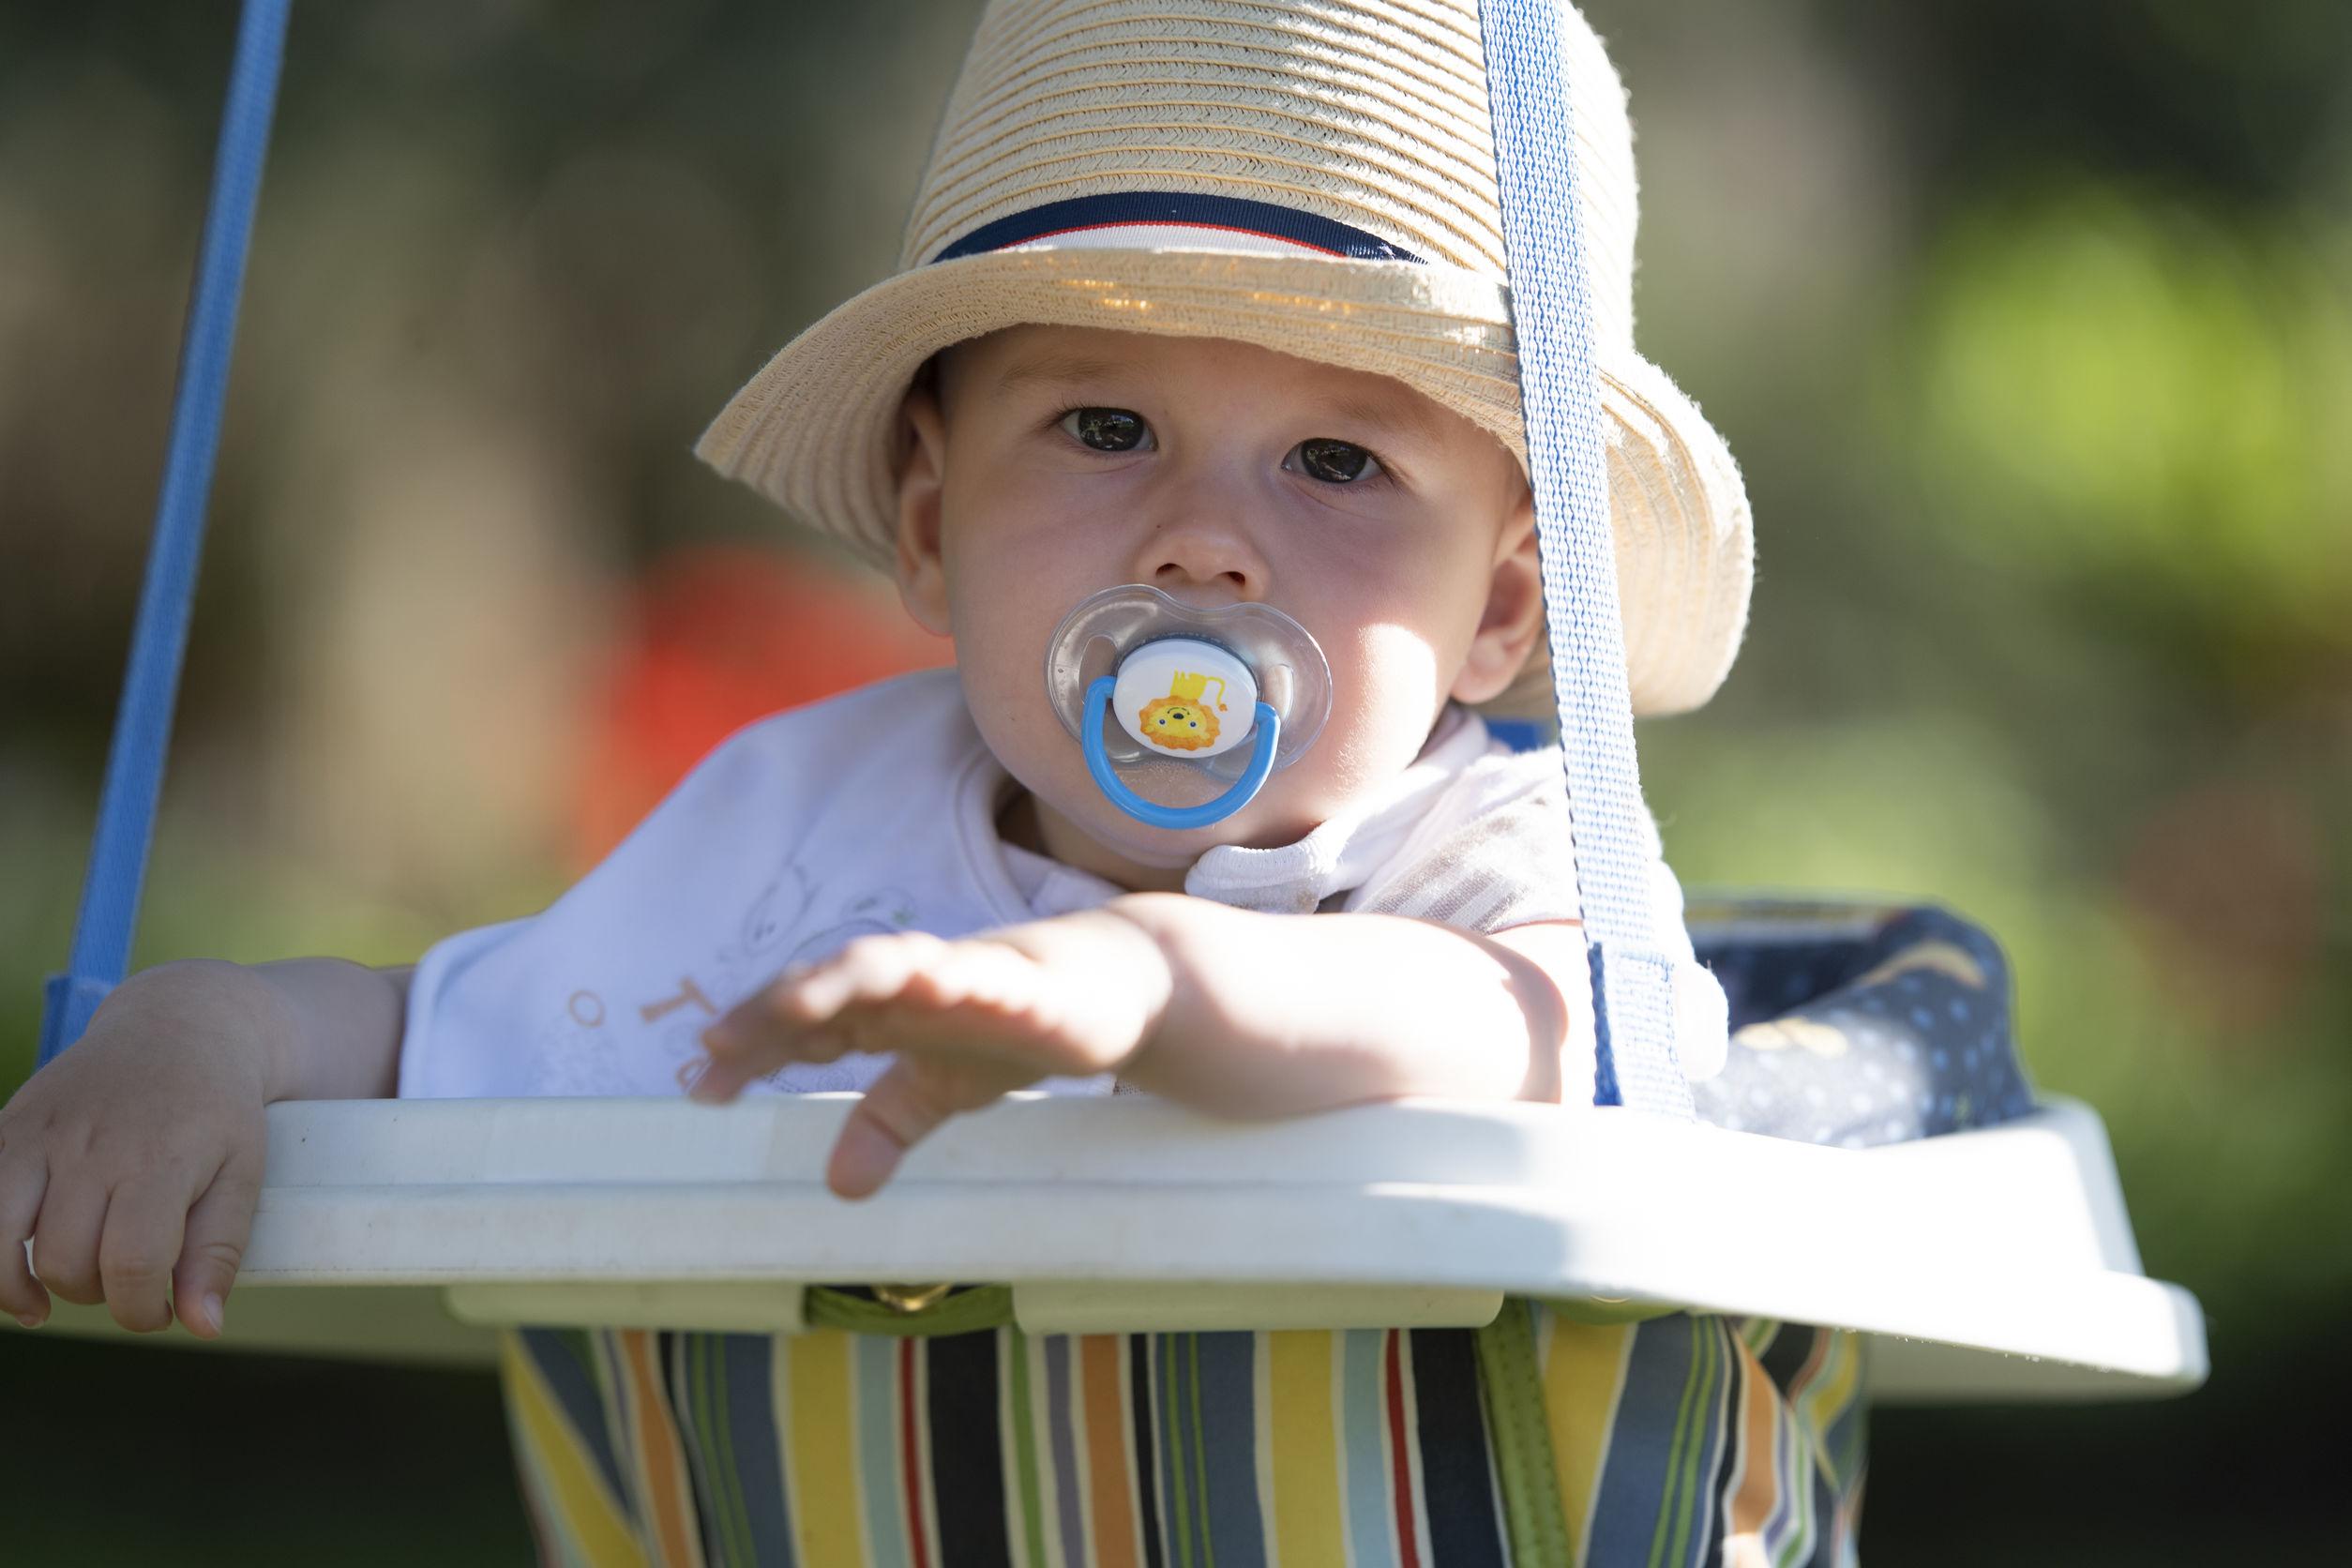 Un bebé con un sombrero de paja se balancea en un patio de recreo al aire libre.